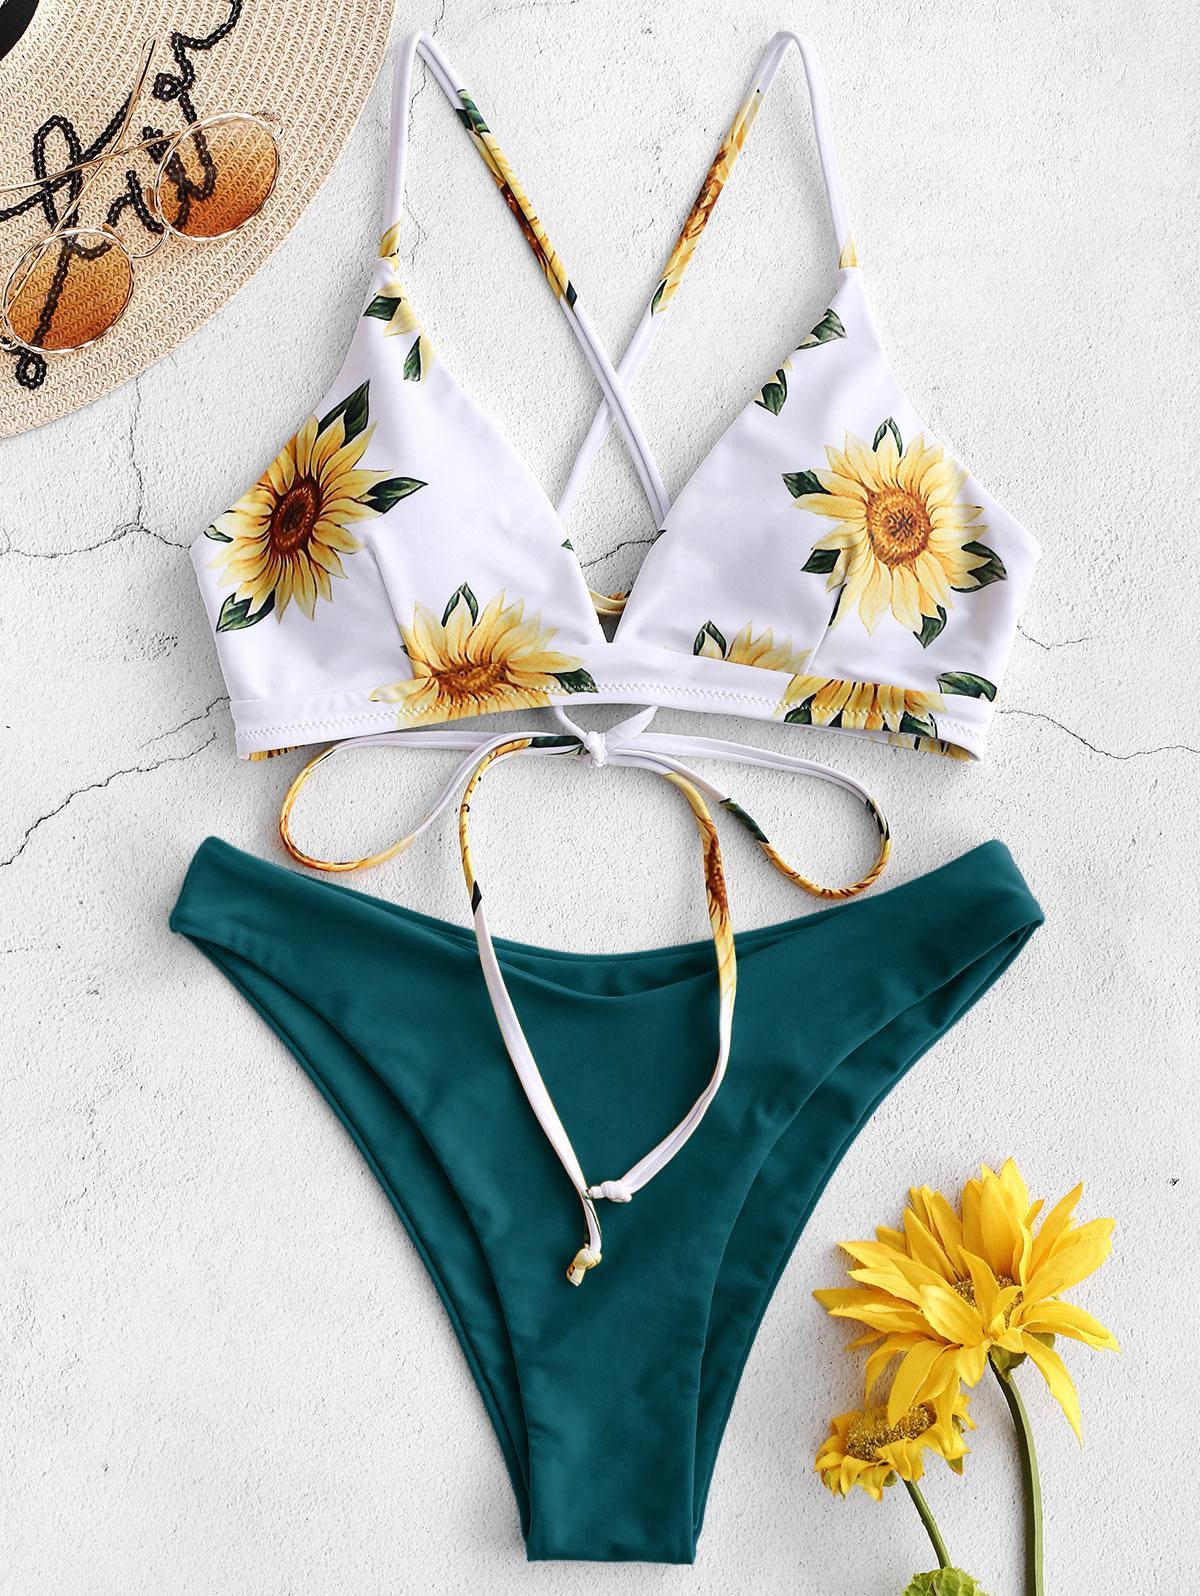 Zaful coupon: ZAFUL Sunflower Criss Cross Bikini Set